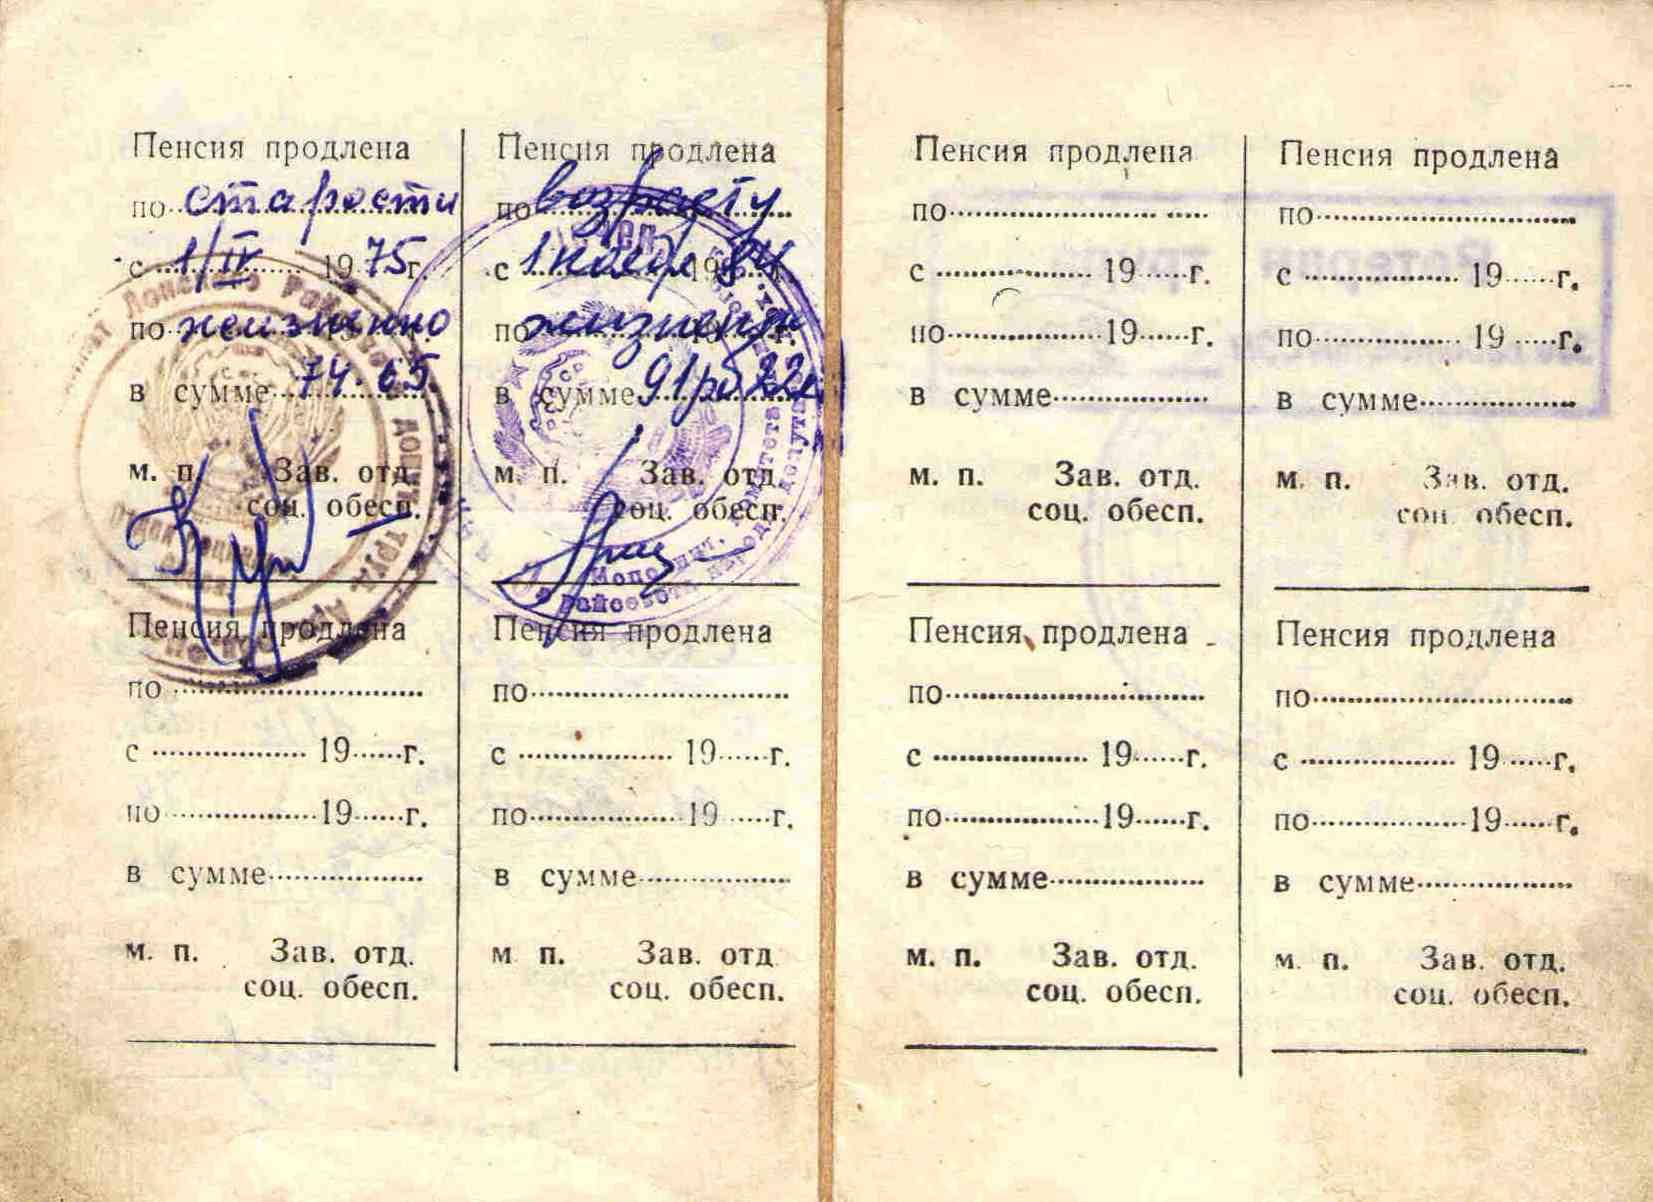 63. Пенсионное удостоверение, Барыкин ПП, 1973